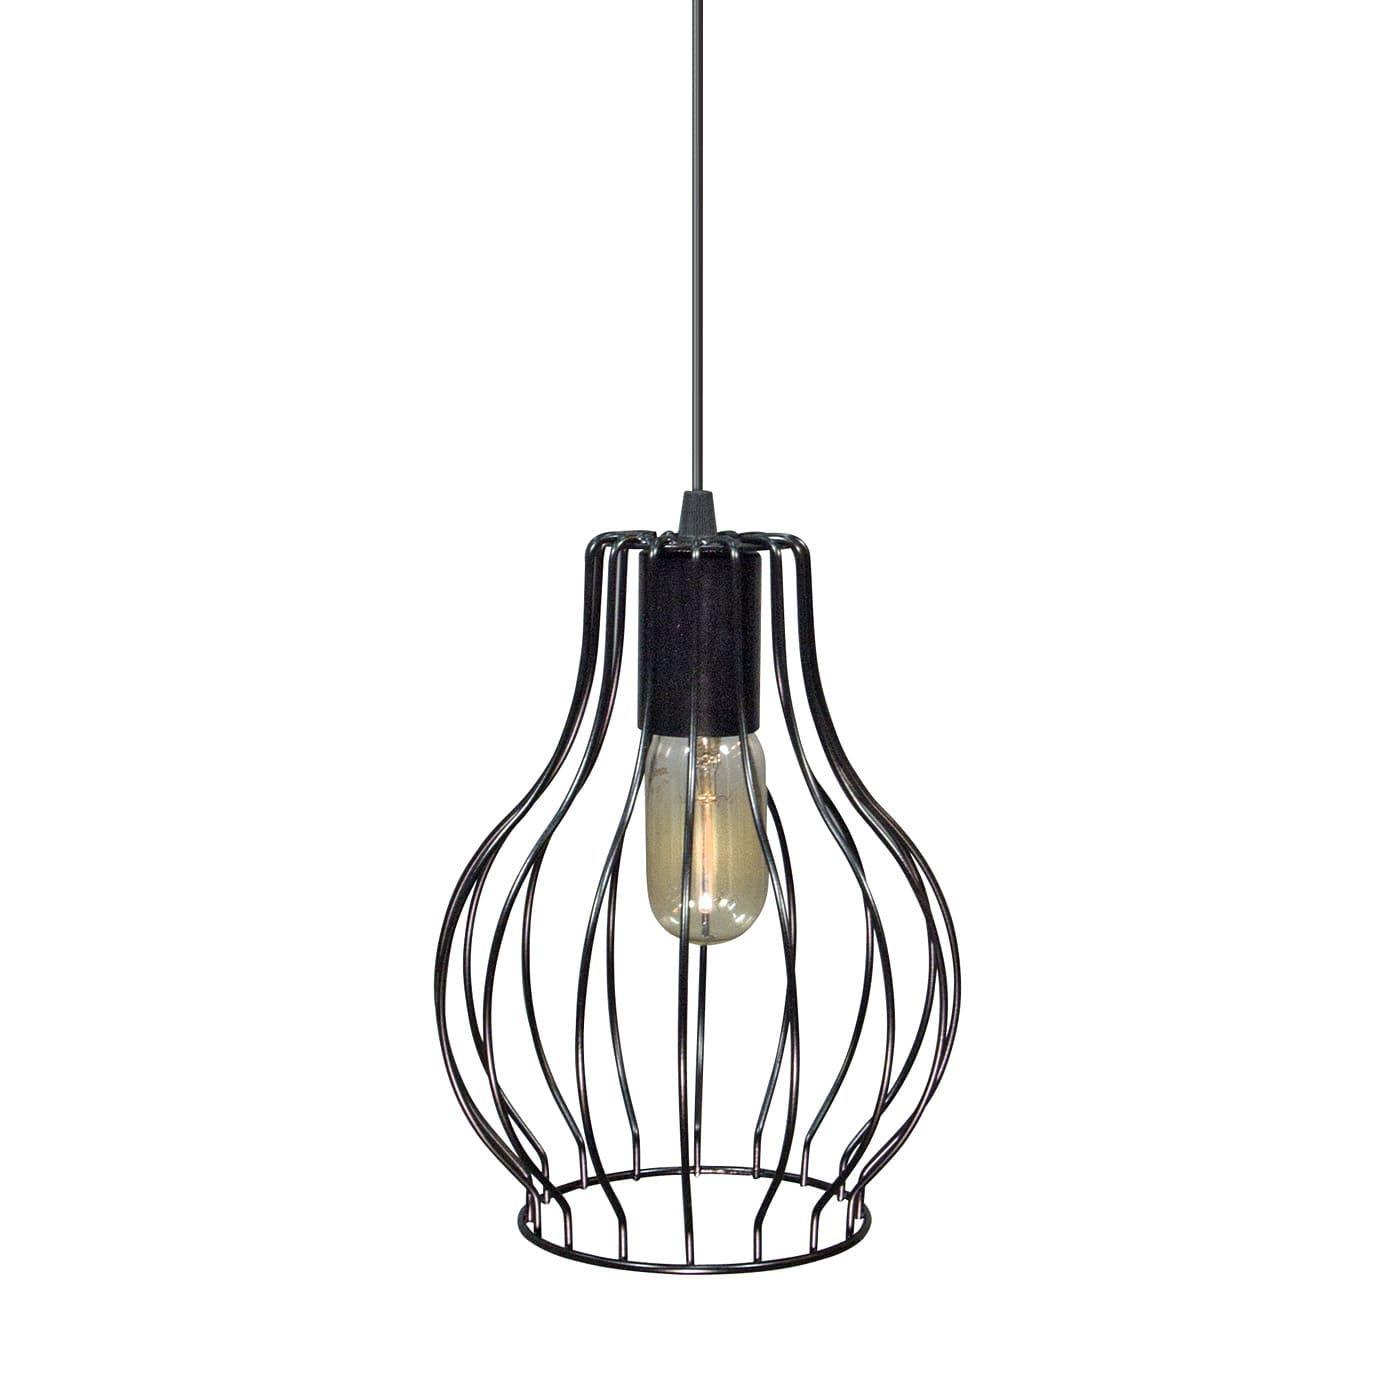 PETRASVET / Suspended chandelier S2381-1, 1xE27 max. 60W